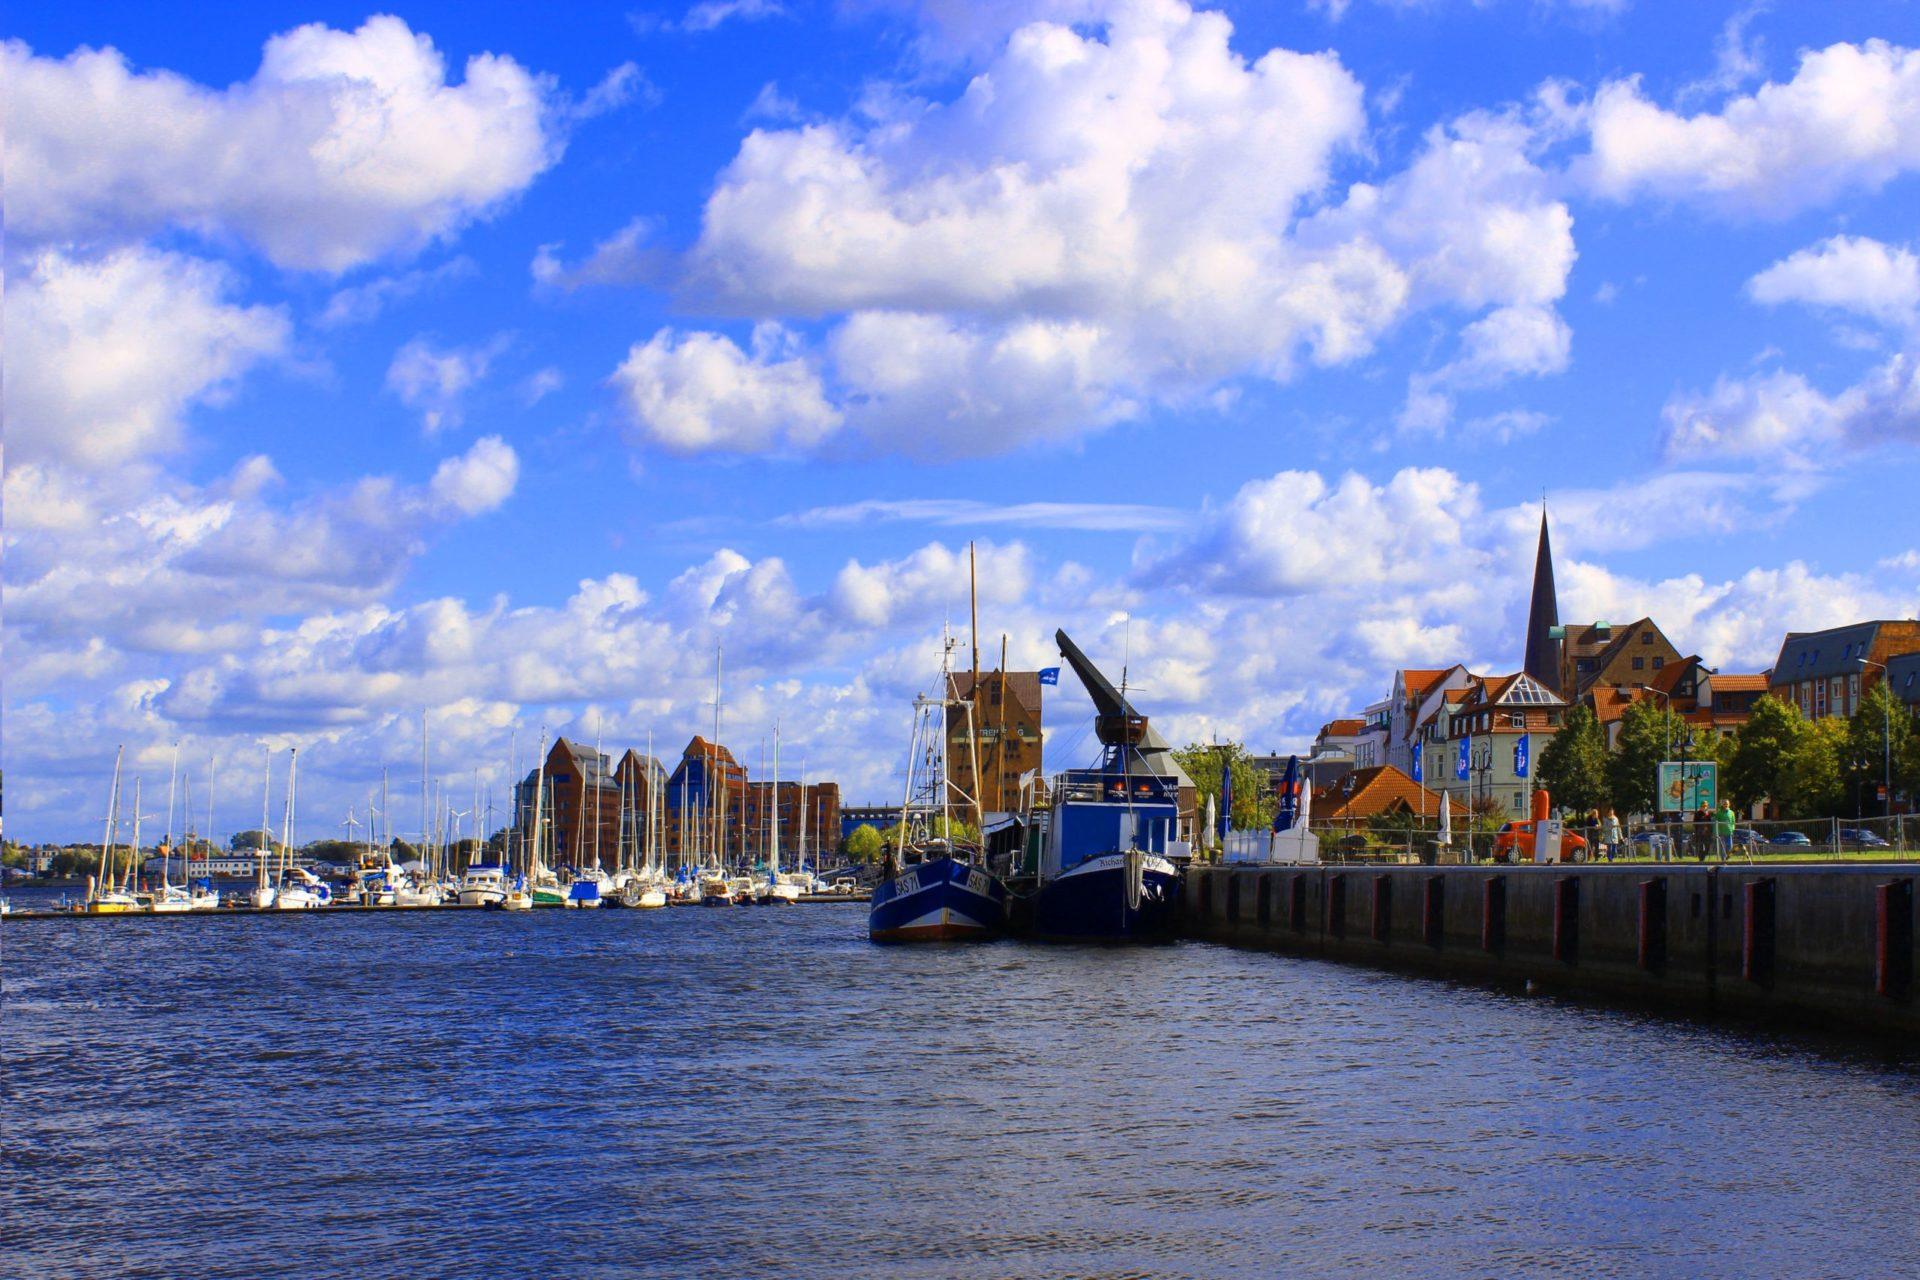 Wassertemperatur Rostock